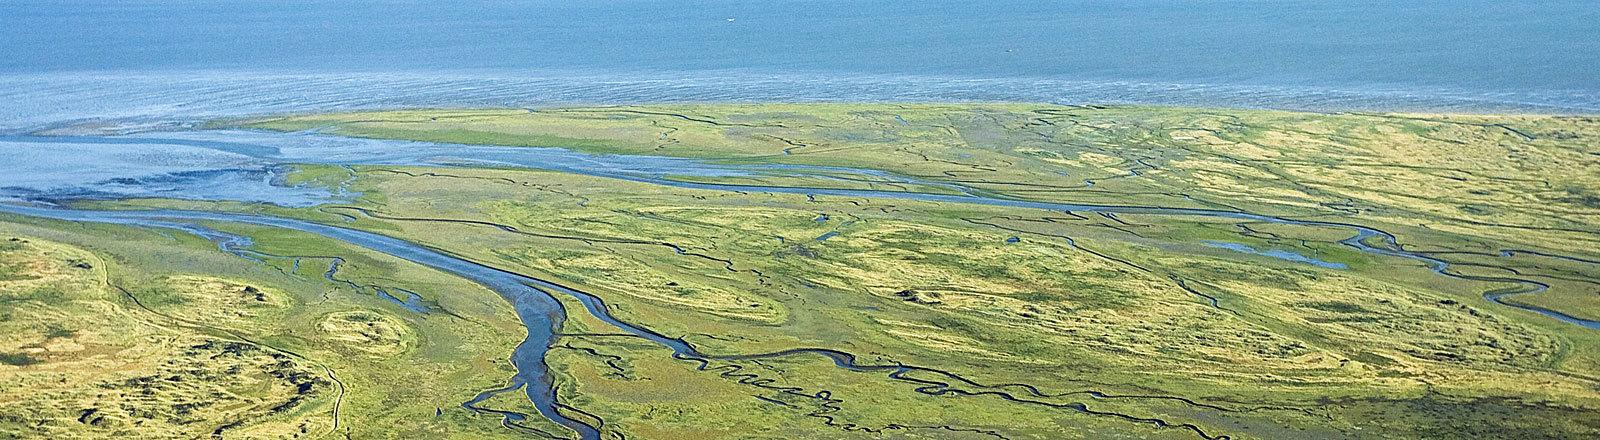 Küstenlandschaft Niederlande Wattenmeer